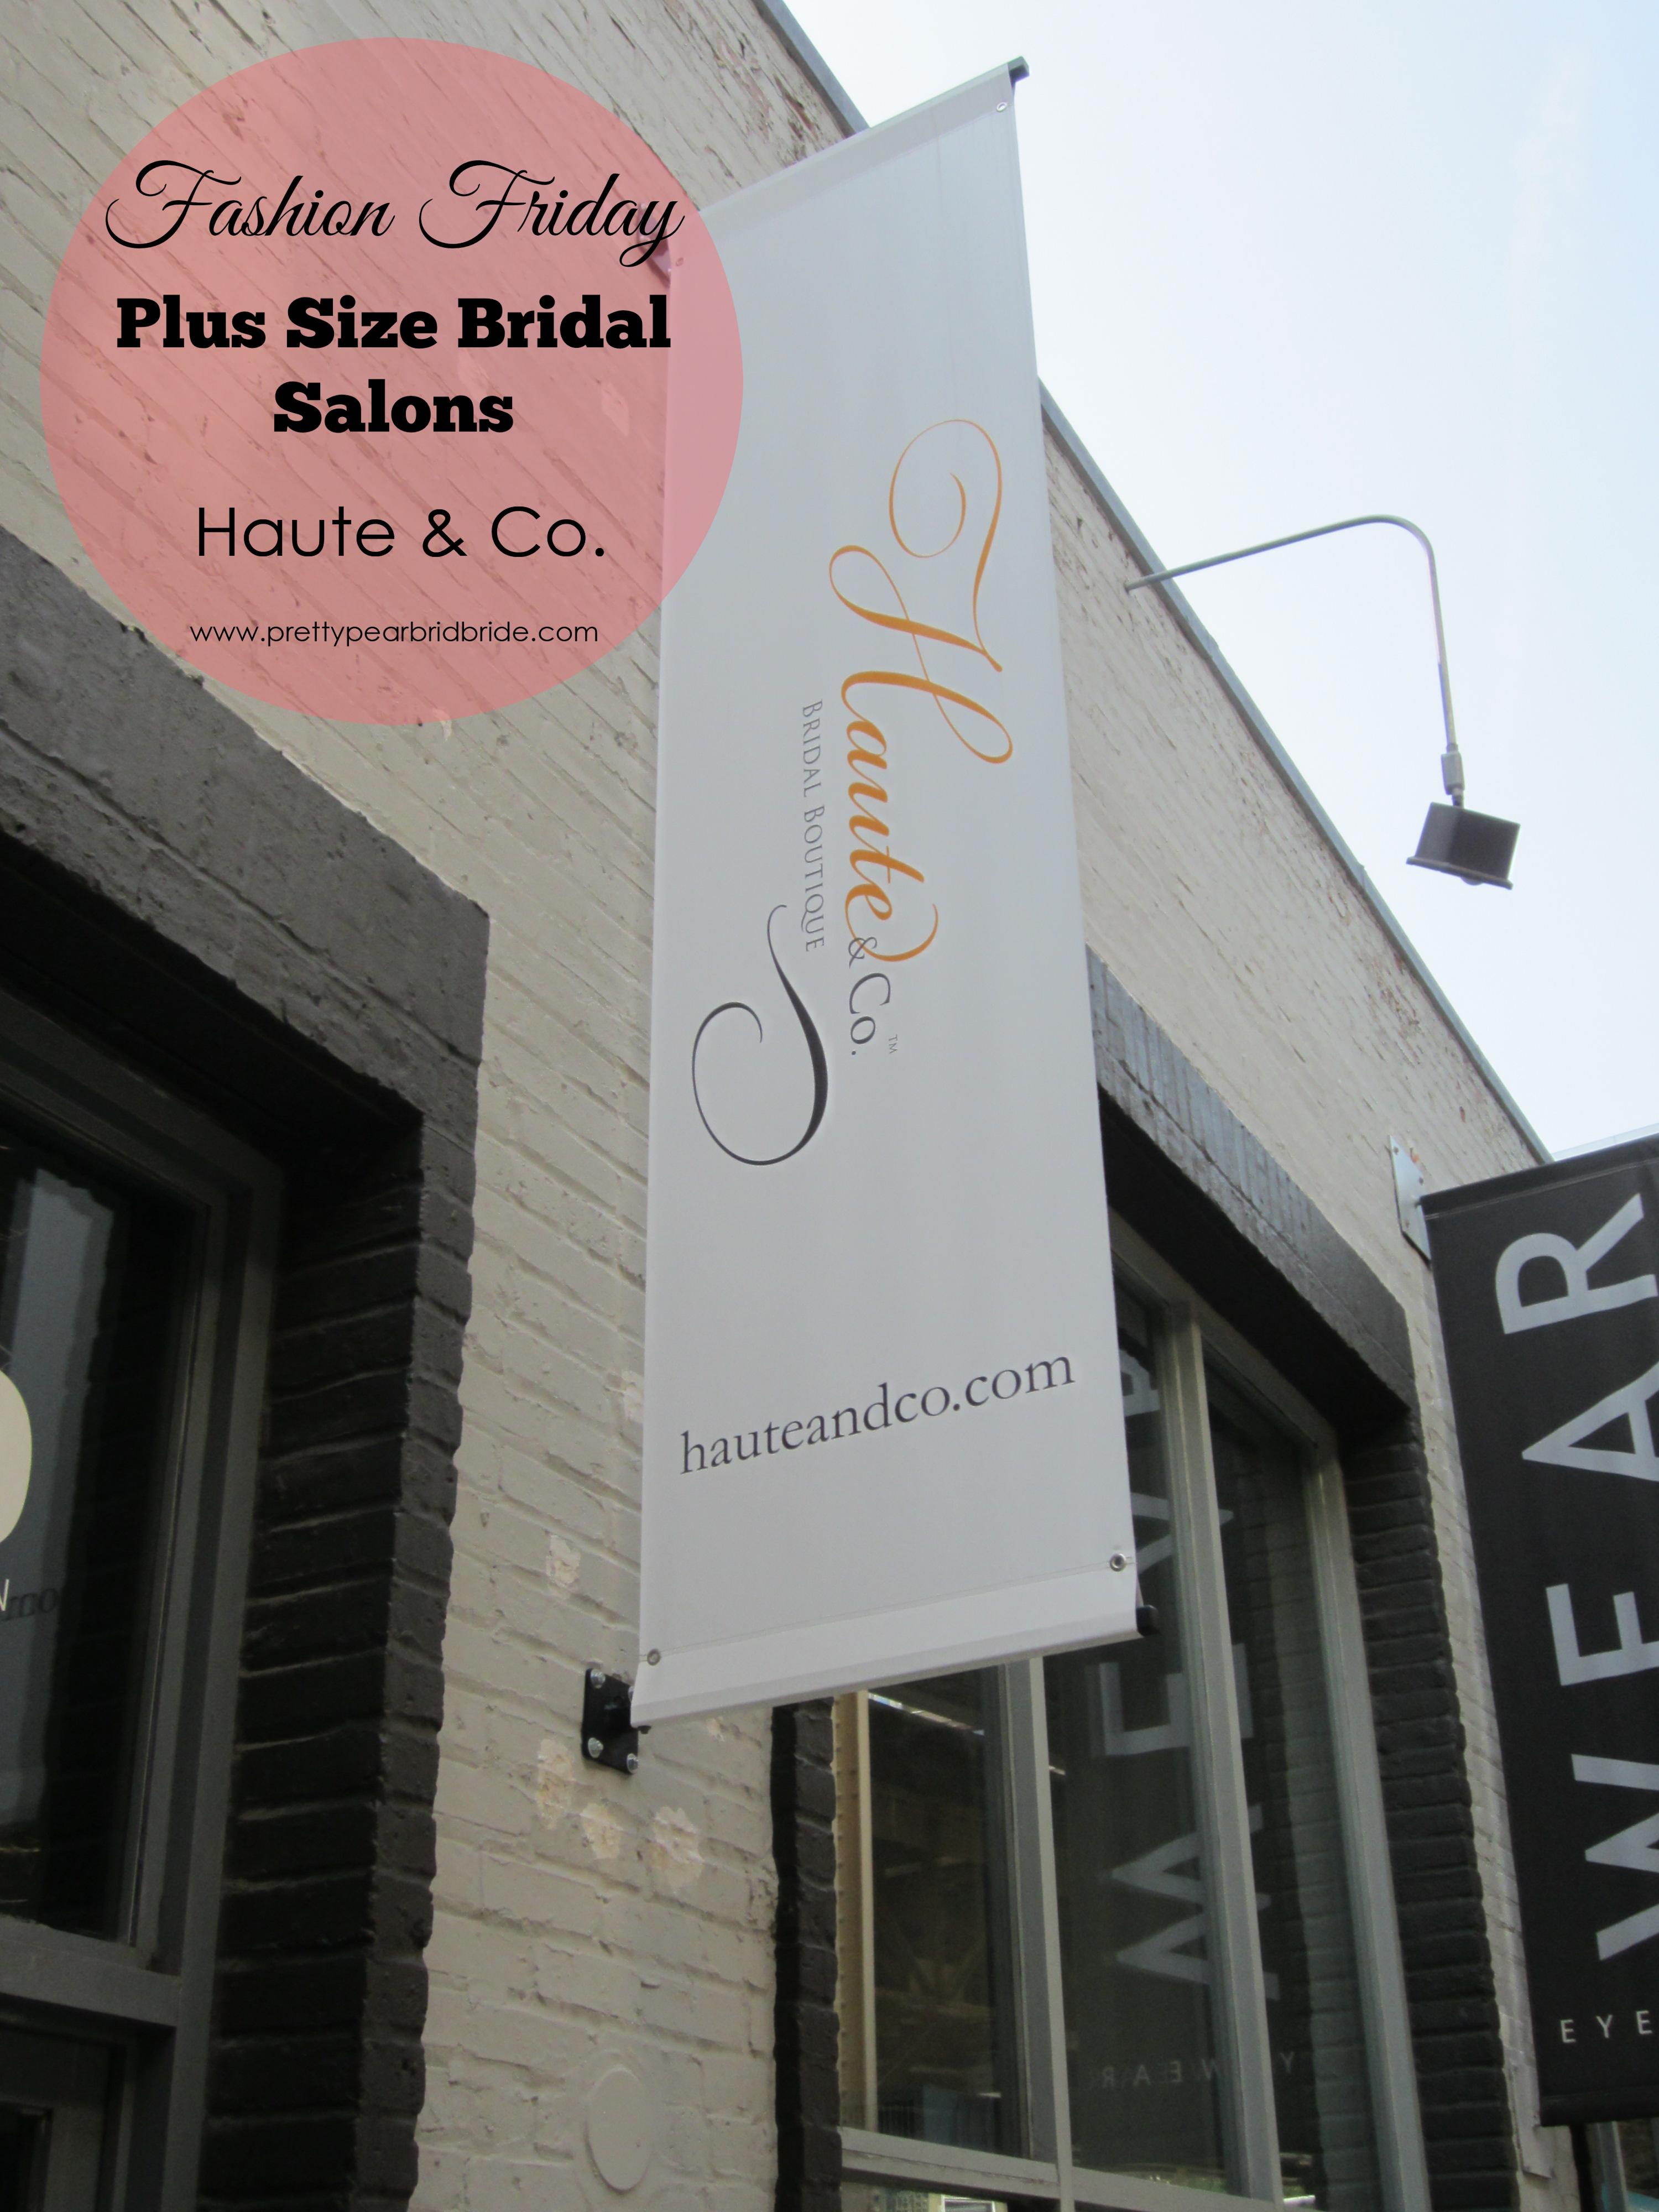 plus size brides, plus size bridal salons